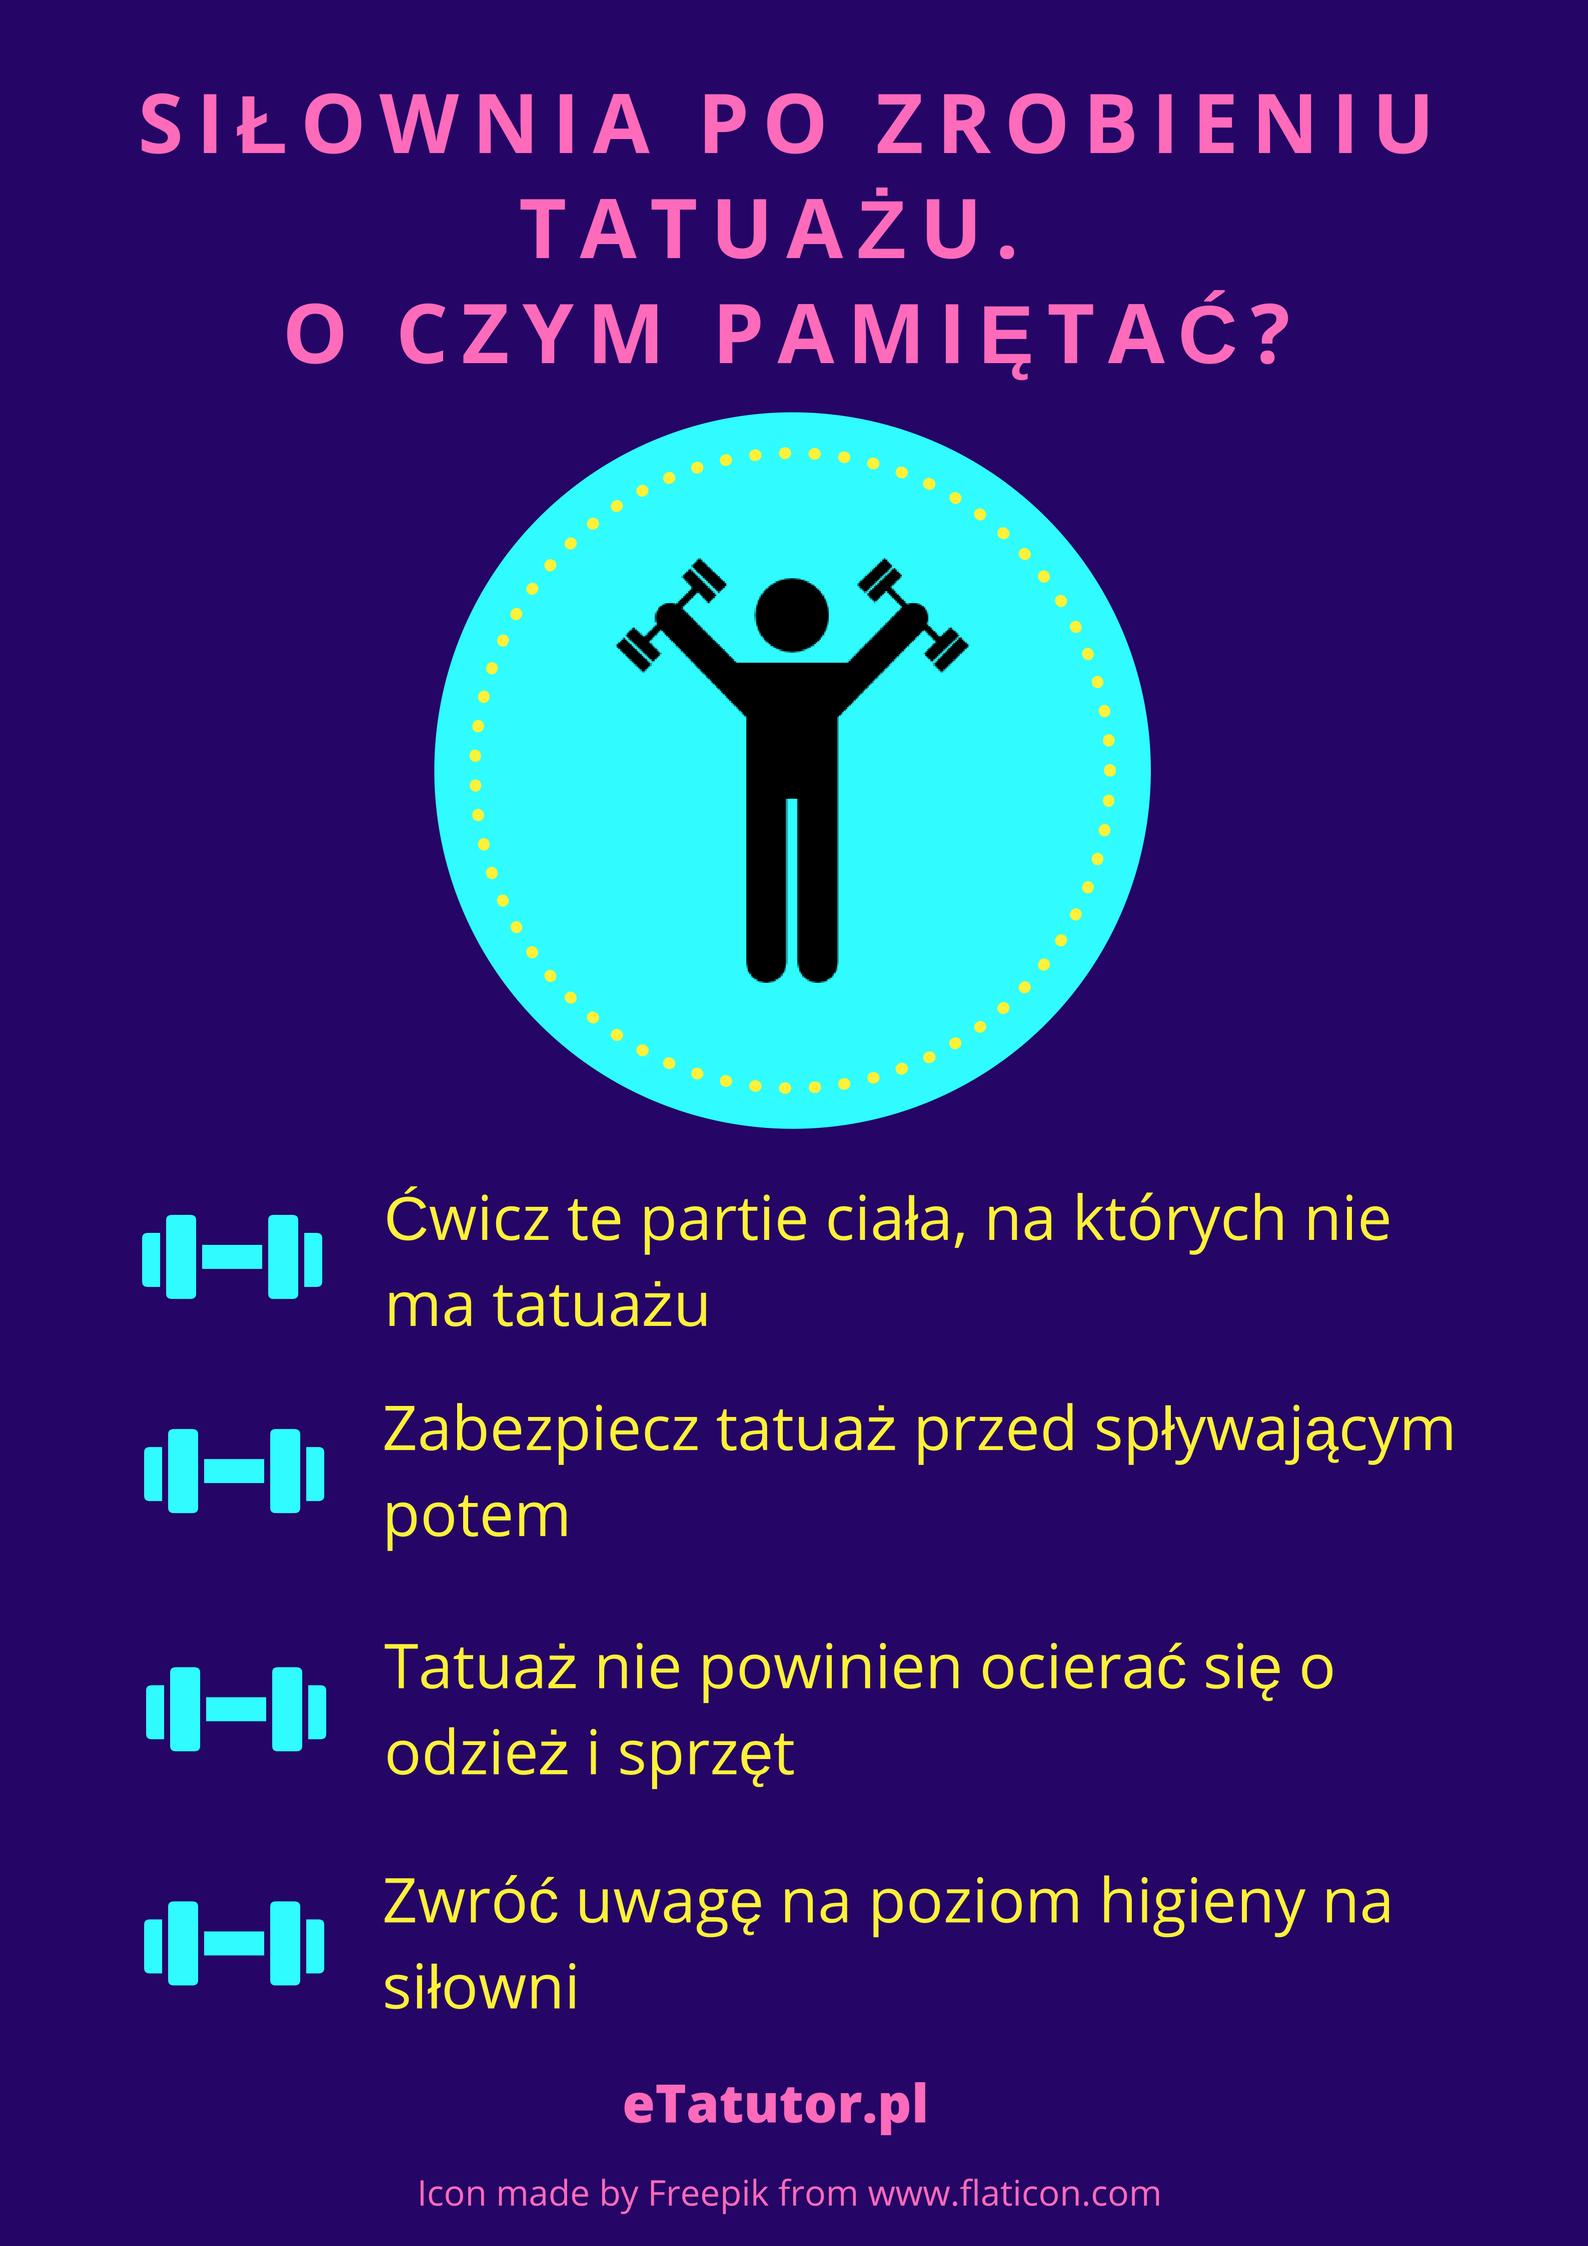 Infografika przedstawiająca zasady, o jakich należy pamiętać przed wizytą na siłowni ze świeżym tatuażem.